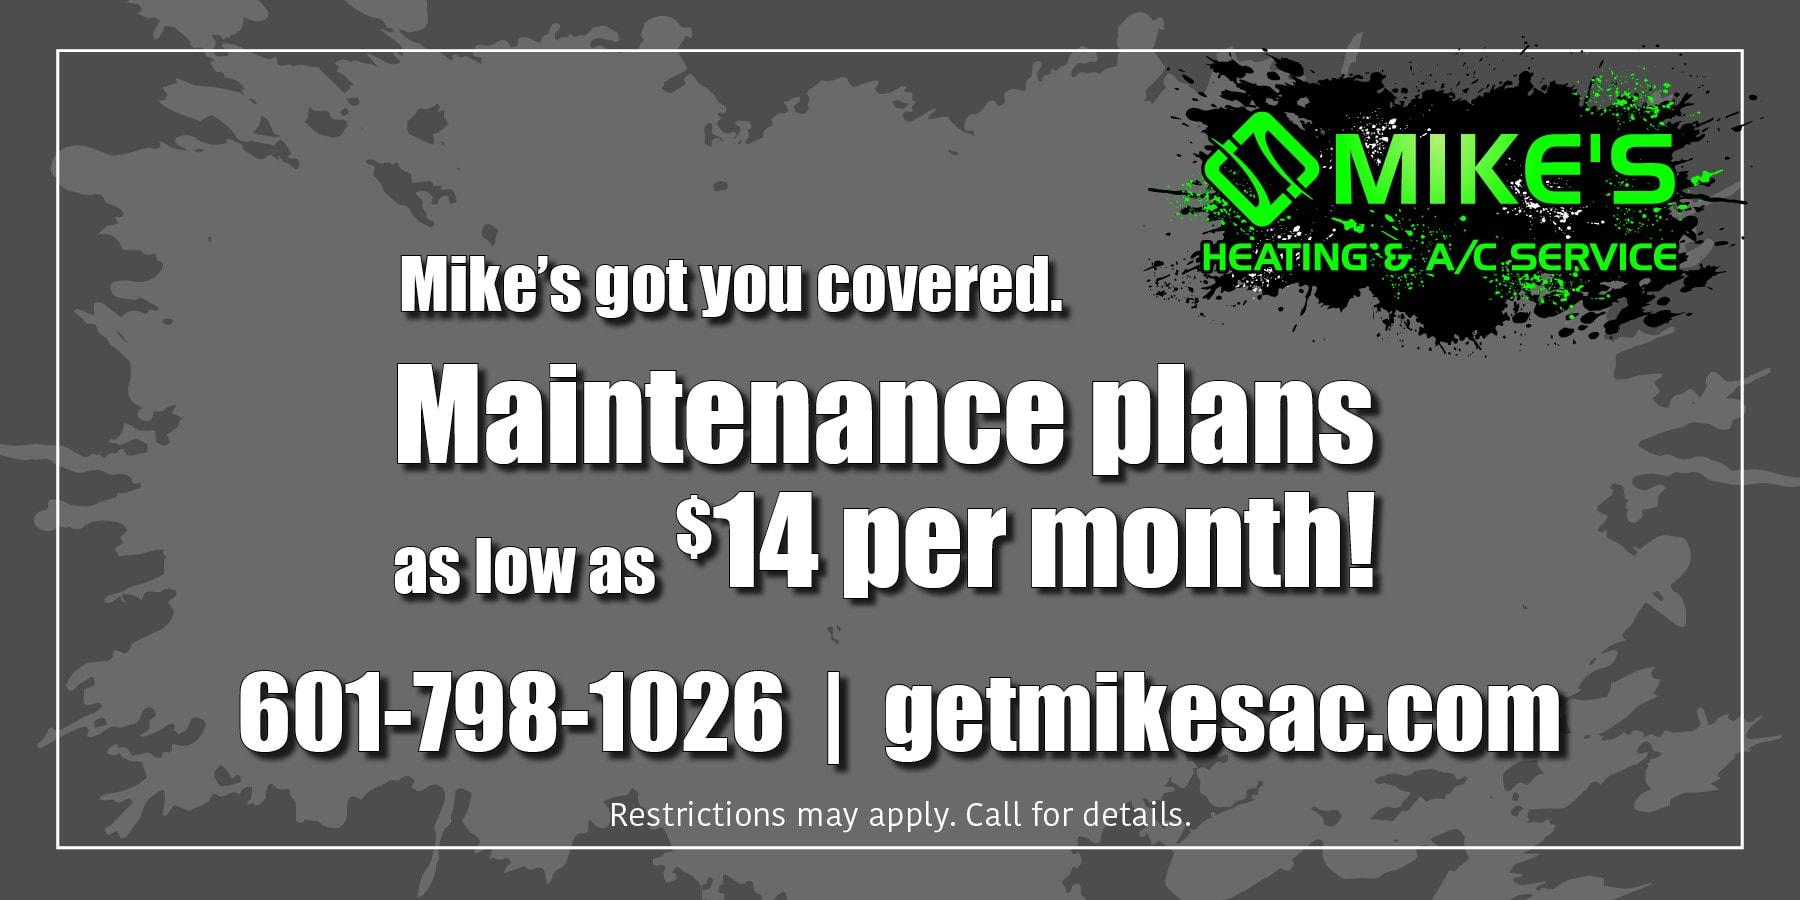 MIK-maintenance-coupon